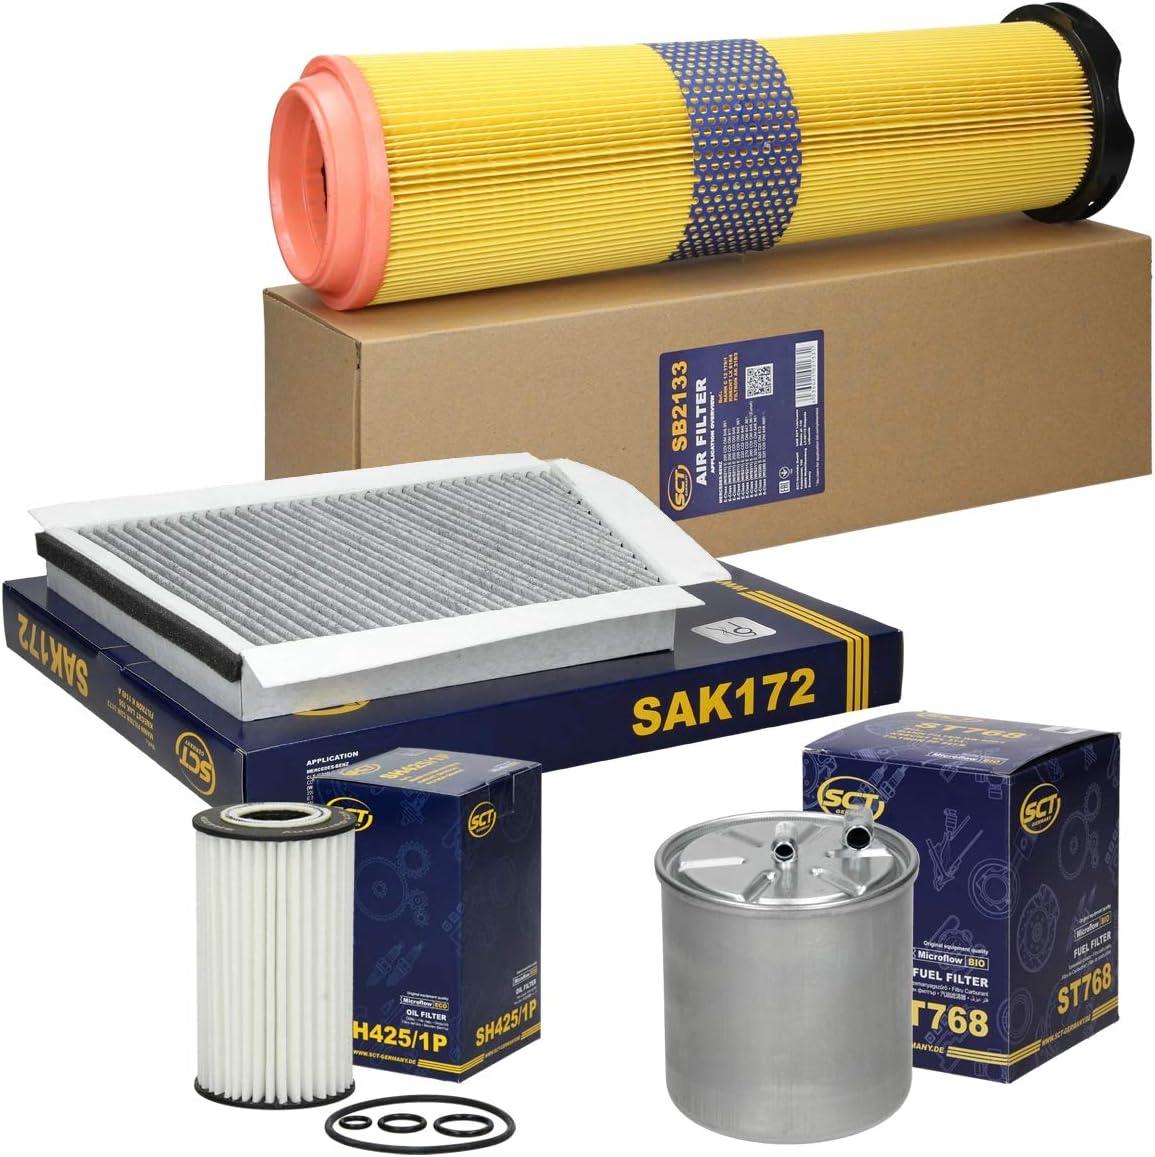 Inspektionspaket Wartungspaket Filterset 1 x /Ölfilter 1 x Luftfilter 1 x Innenraumfilter mit Aktivkohle 1 x Kraftstofffilter